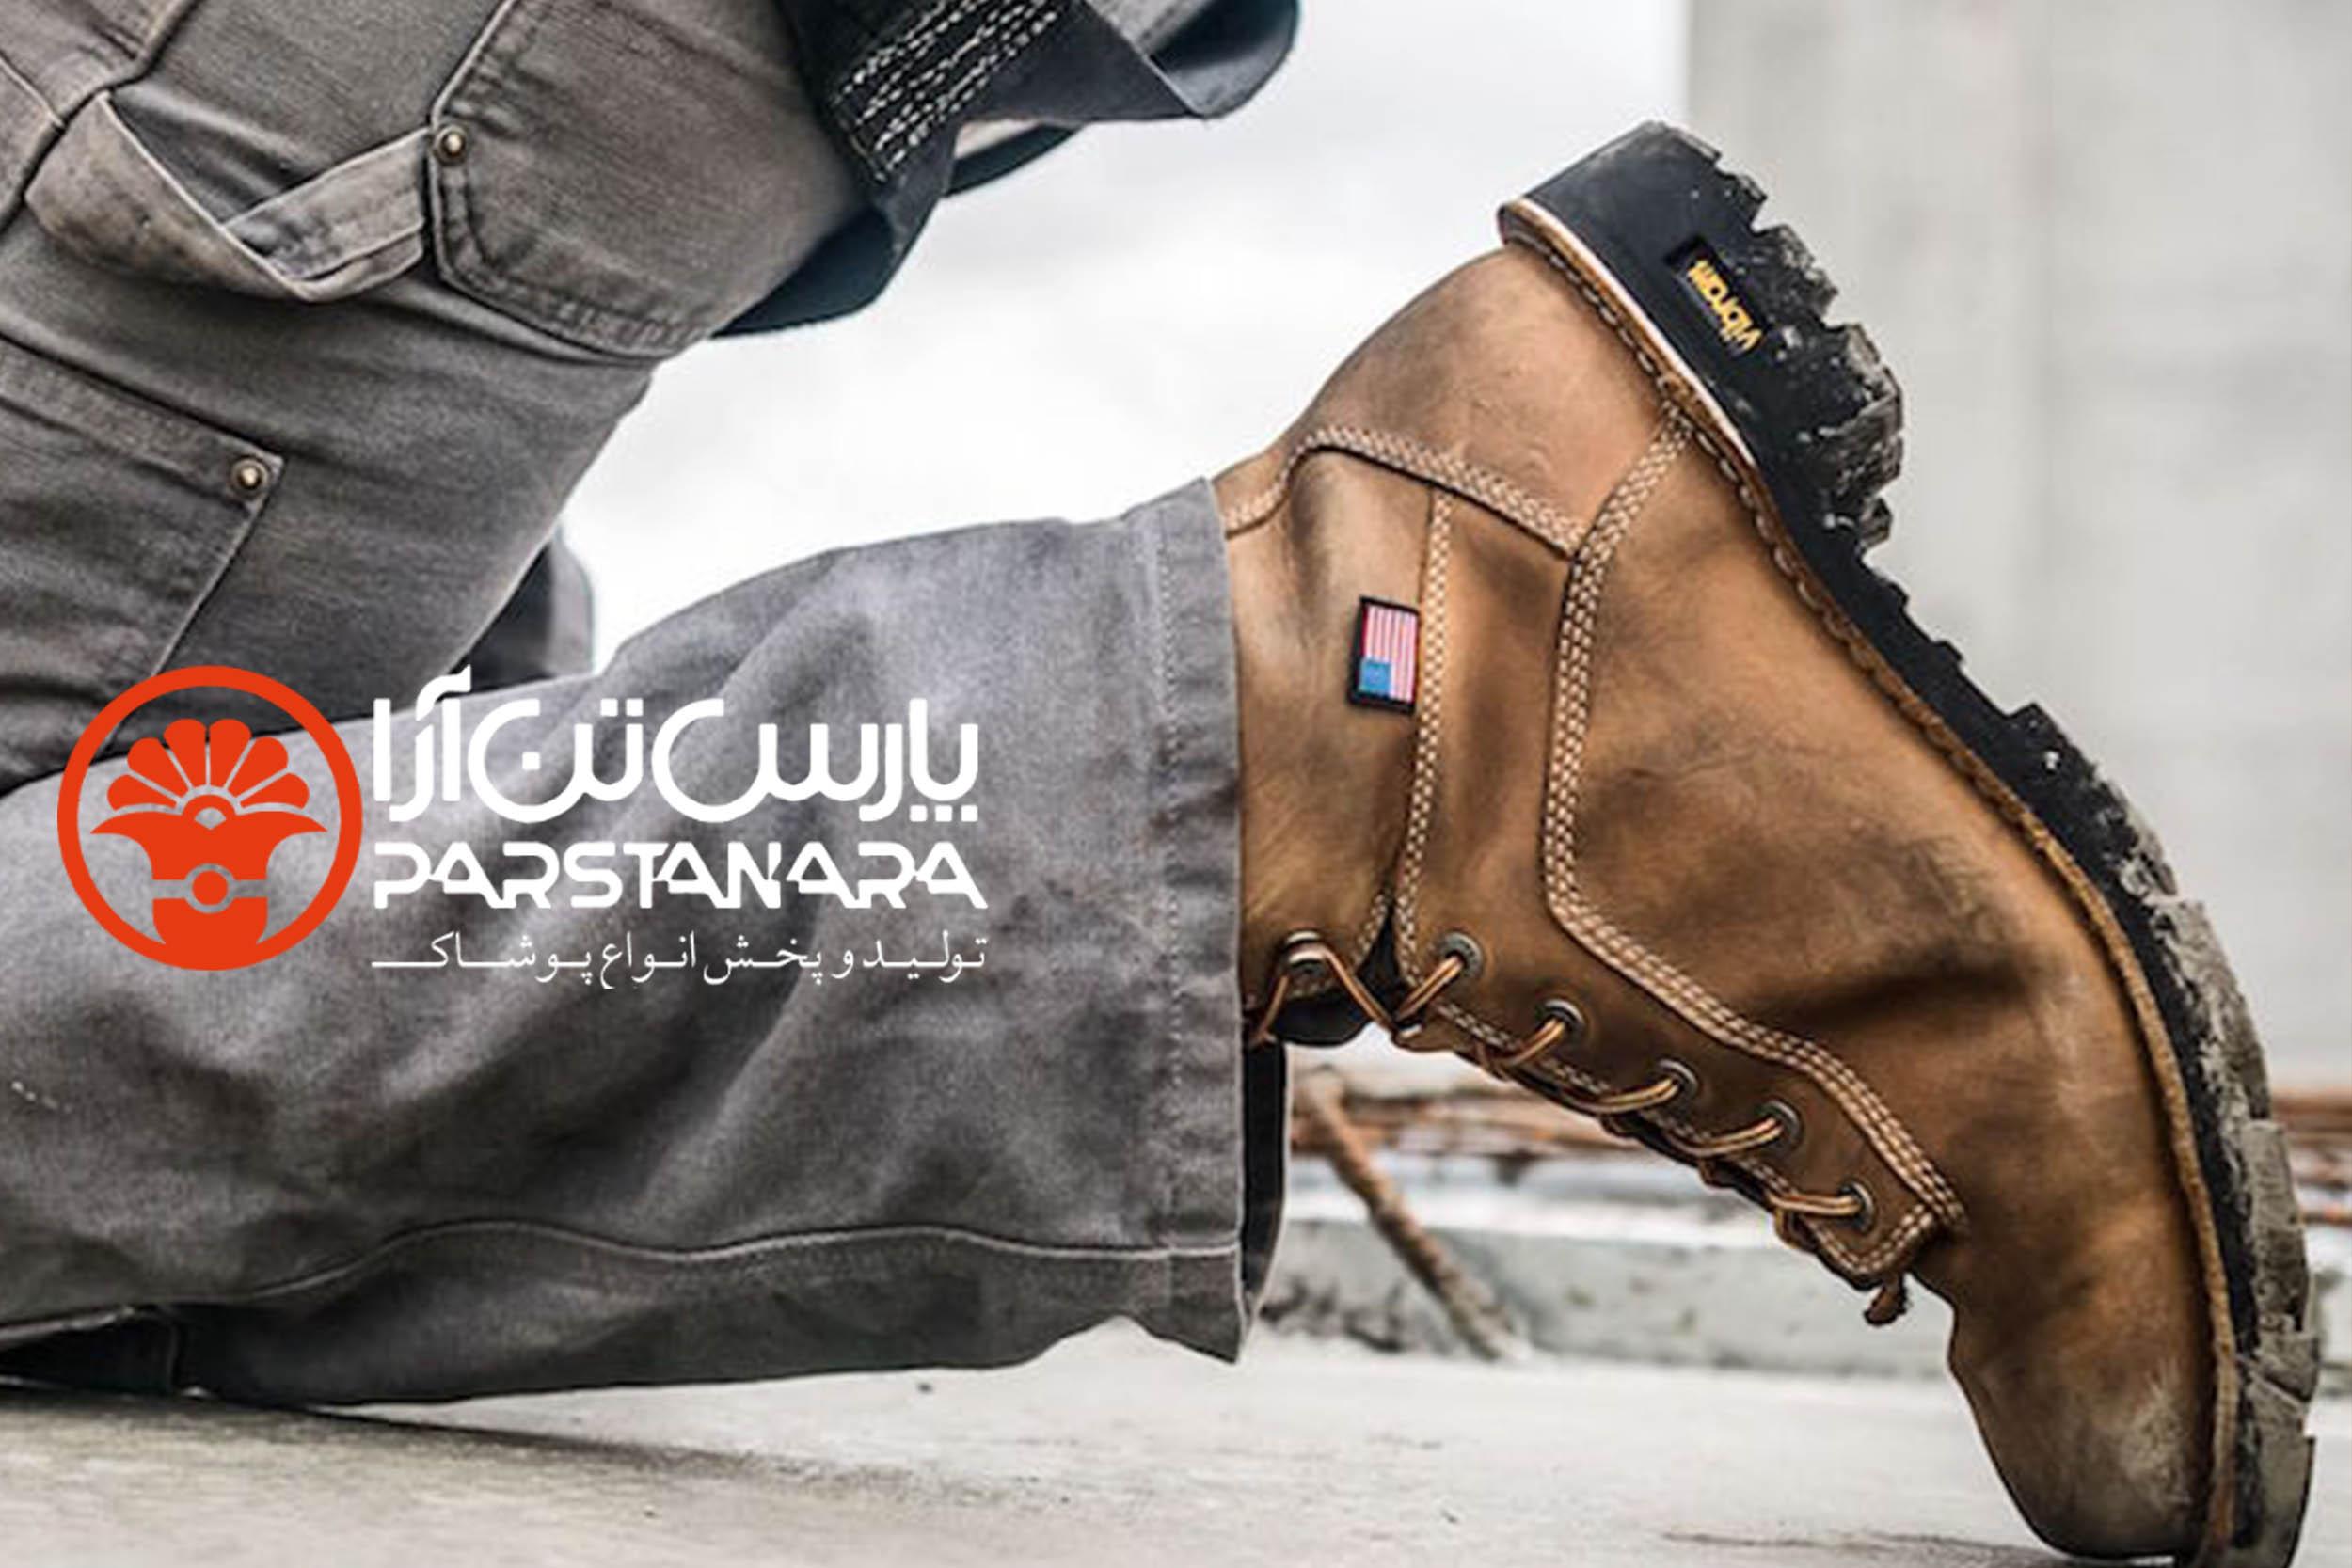 انتخاب کفش کار مناسب زمستان و پاییز